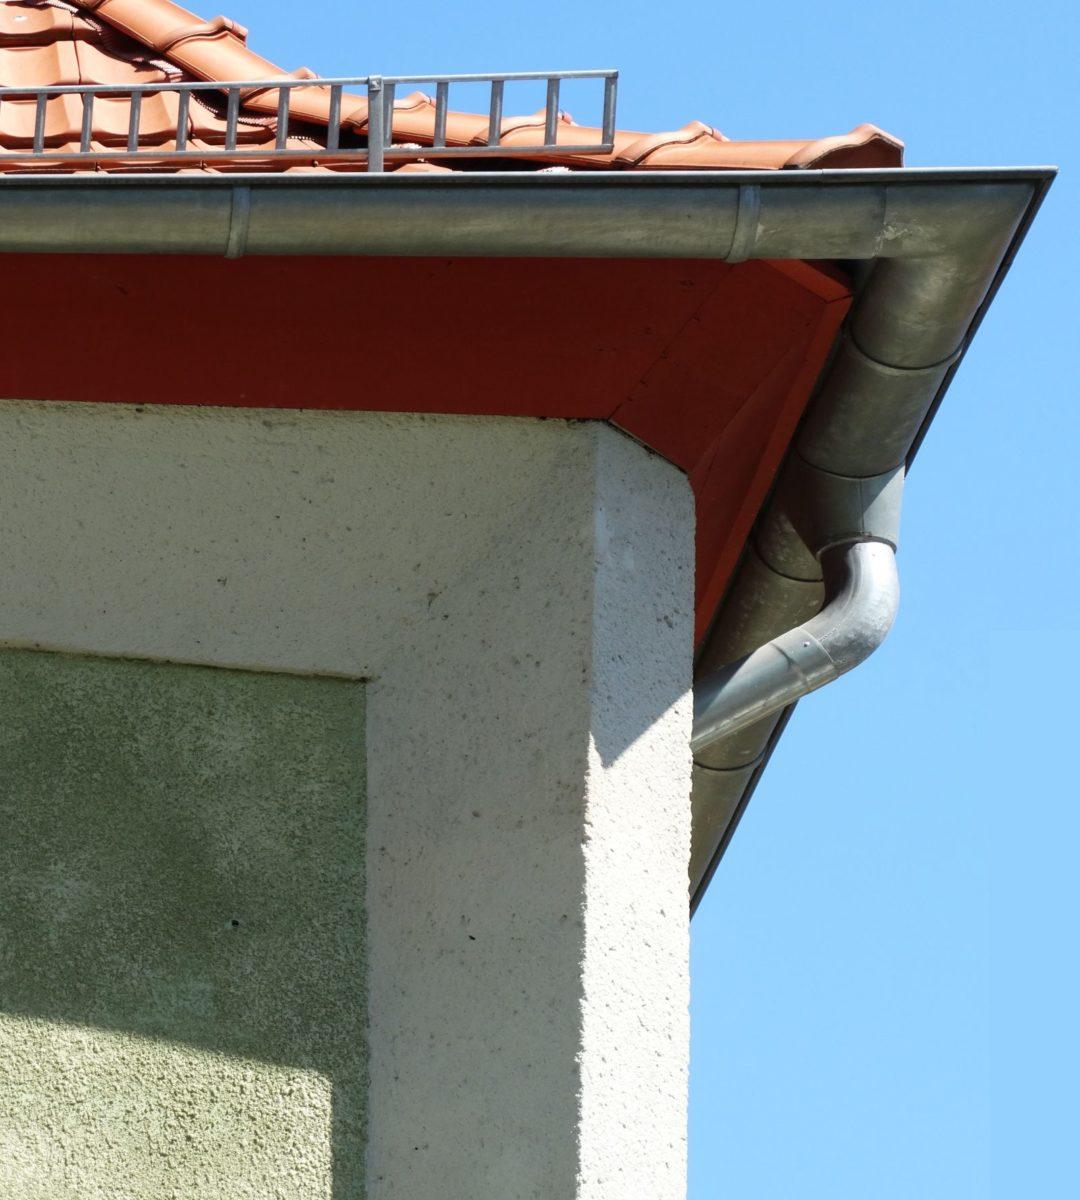 https://brandschutzplus.de/wp-content/uploads/2021/01/dachdetail1600_Kubistisches-Haus-in-der-Waldstrasse-Berlin-Johannisthal-Detail-Foto-Reinhard-Eberl-Pacan.jpg